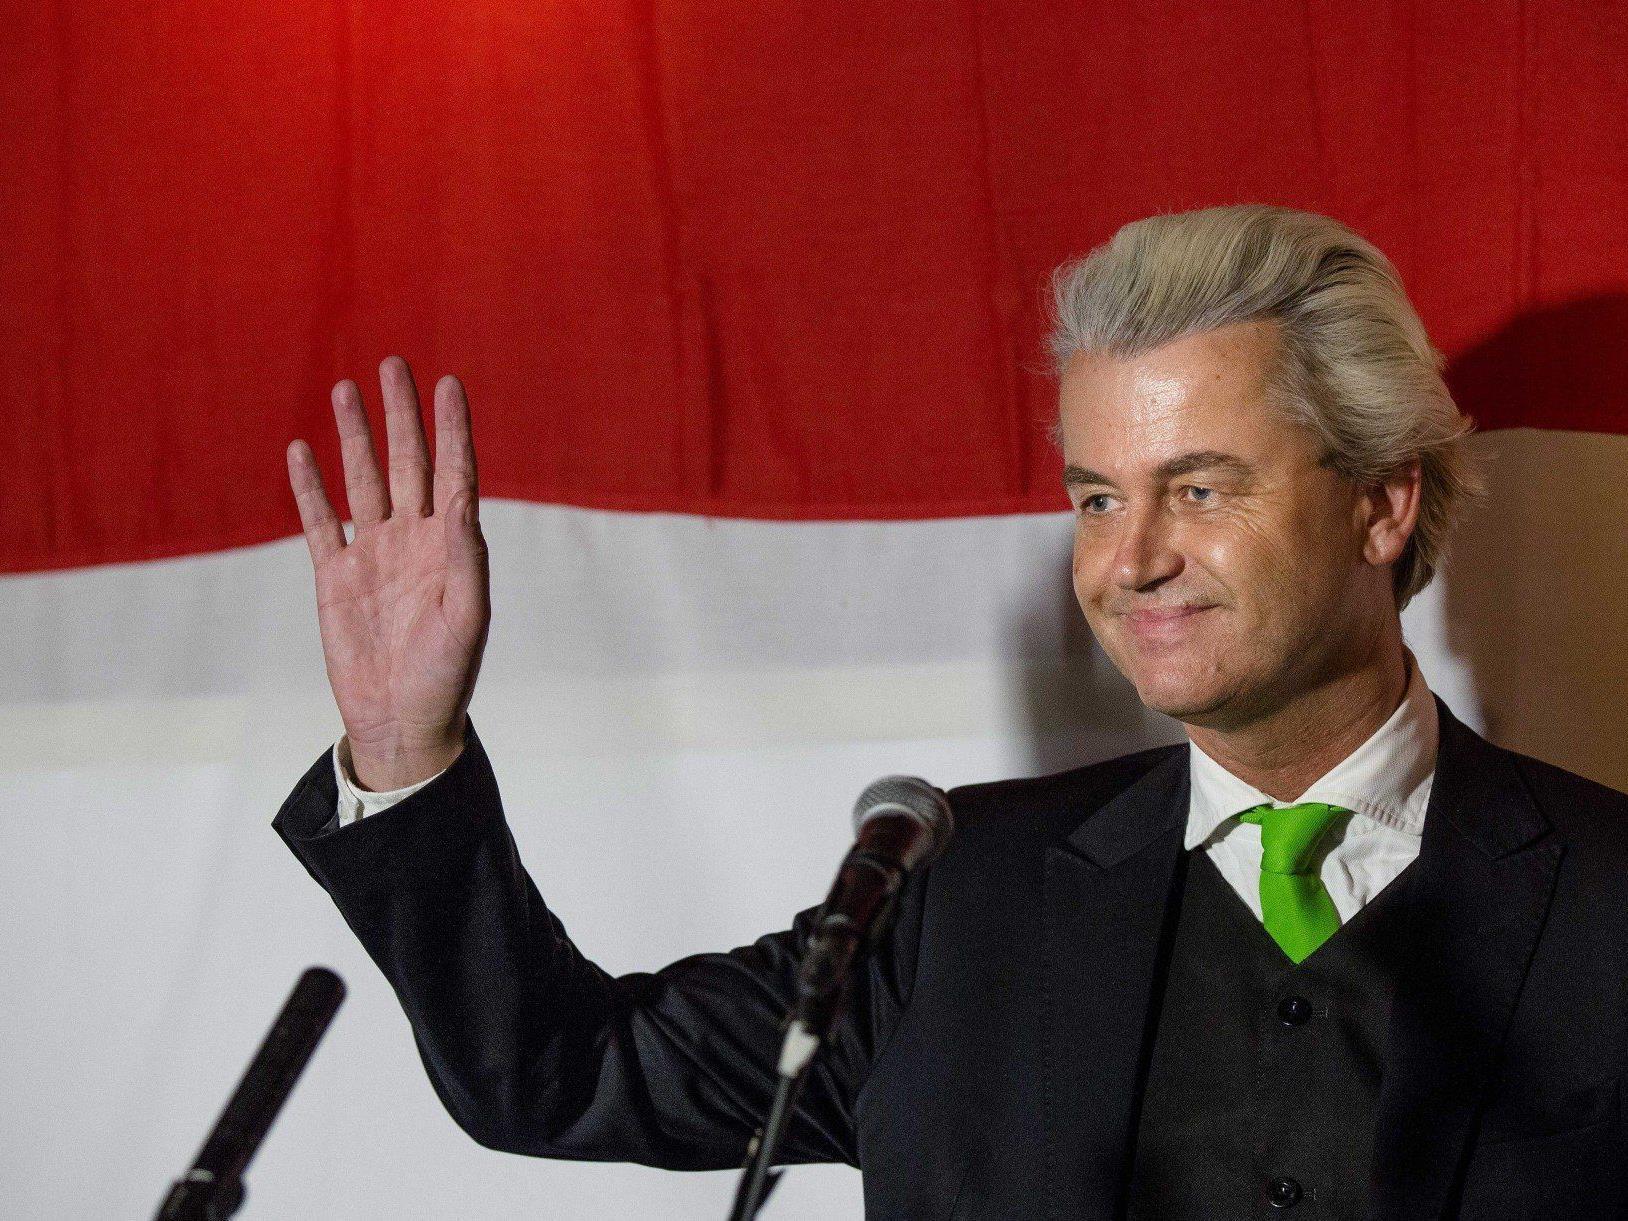 Gert Wildeers verlor nach ersten Hochrechnungen rund fünf Prozent der Stimmen bei der EU-Wahl.